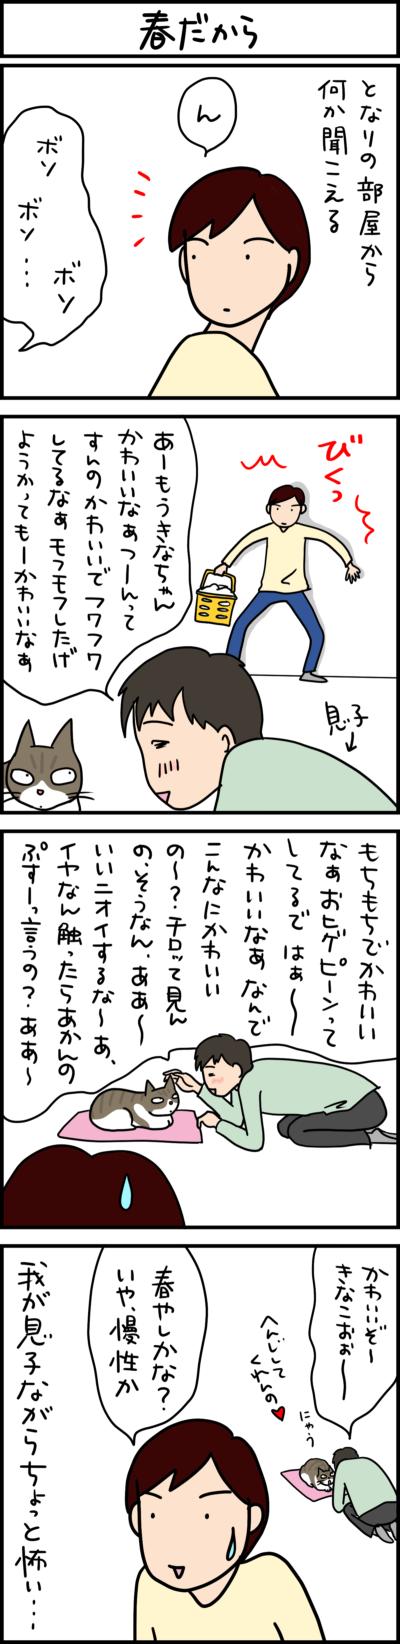 猫好きな人間の4コマ猫漫画